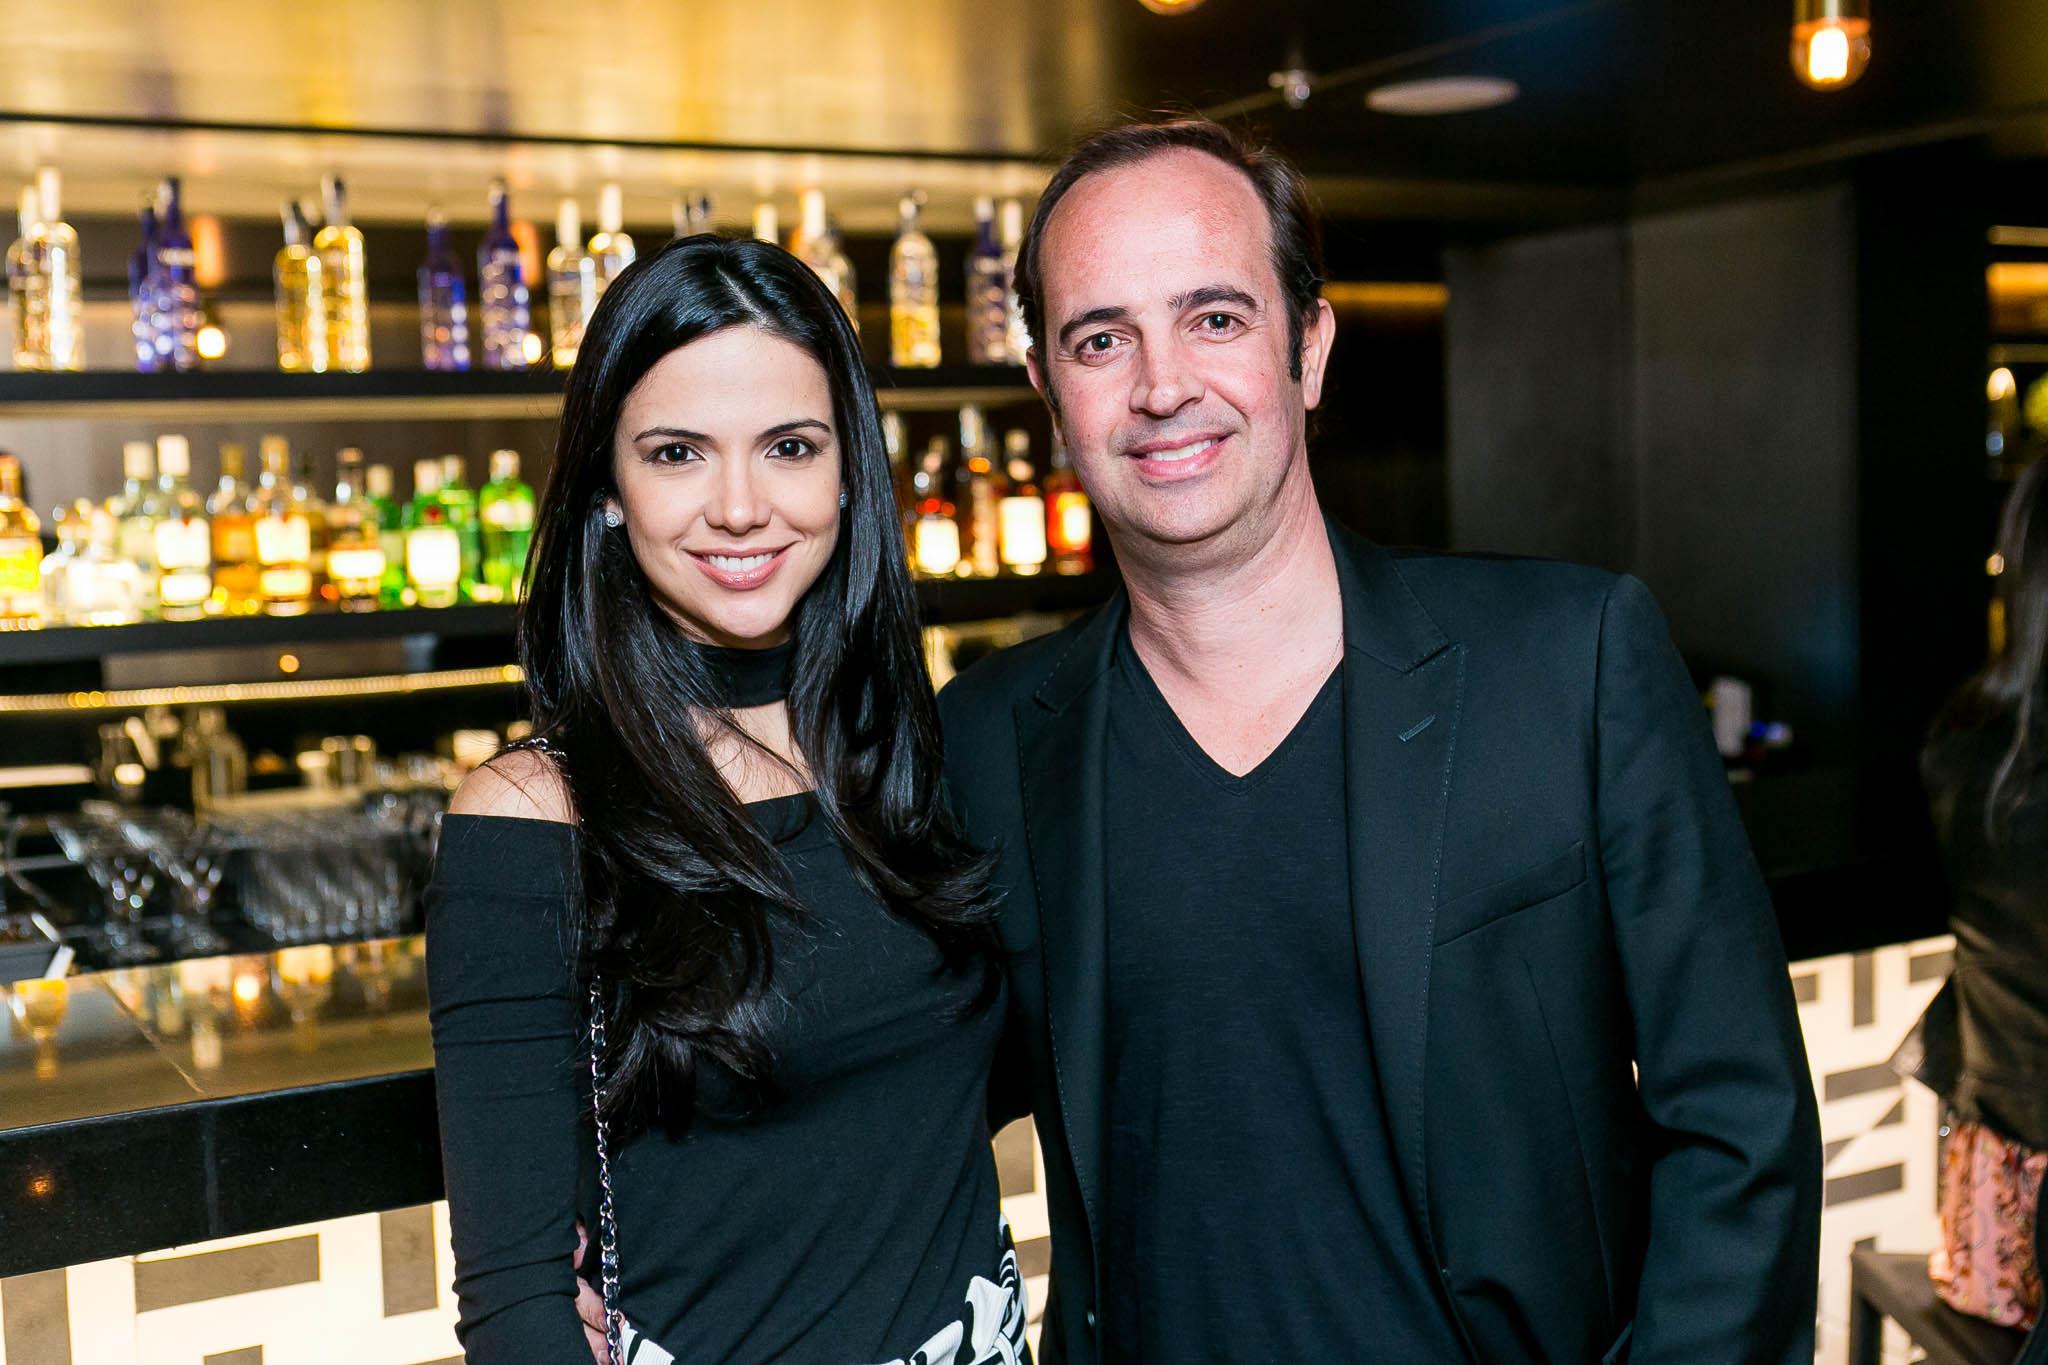 Luciana e André Beck - Crédito: Bruno Ryfer/Divulgação